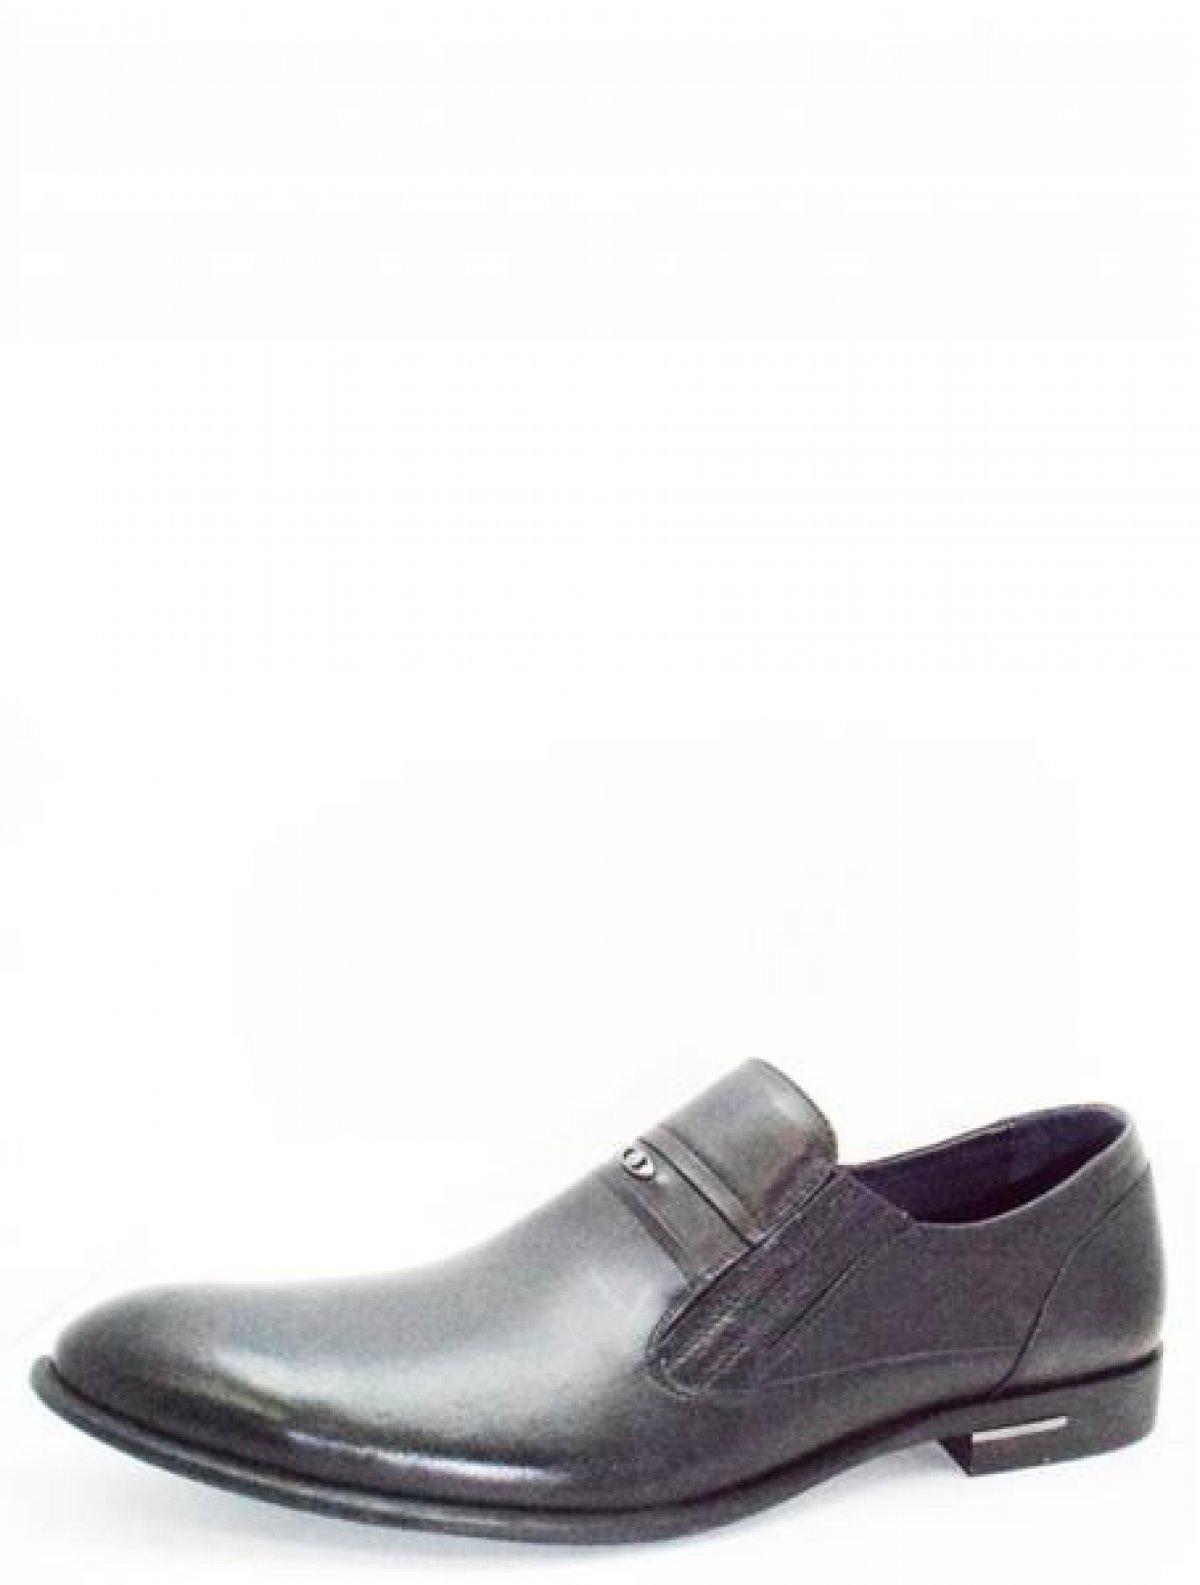 668845/02-1 туфли мужские